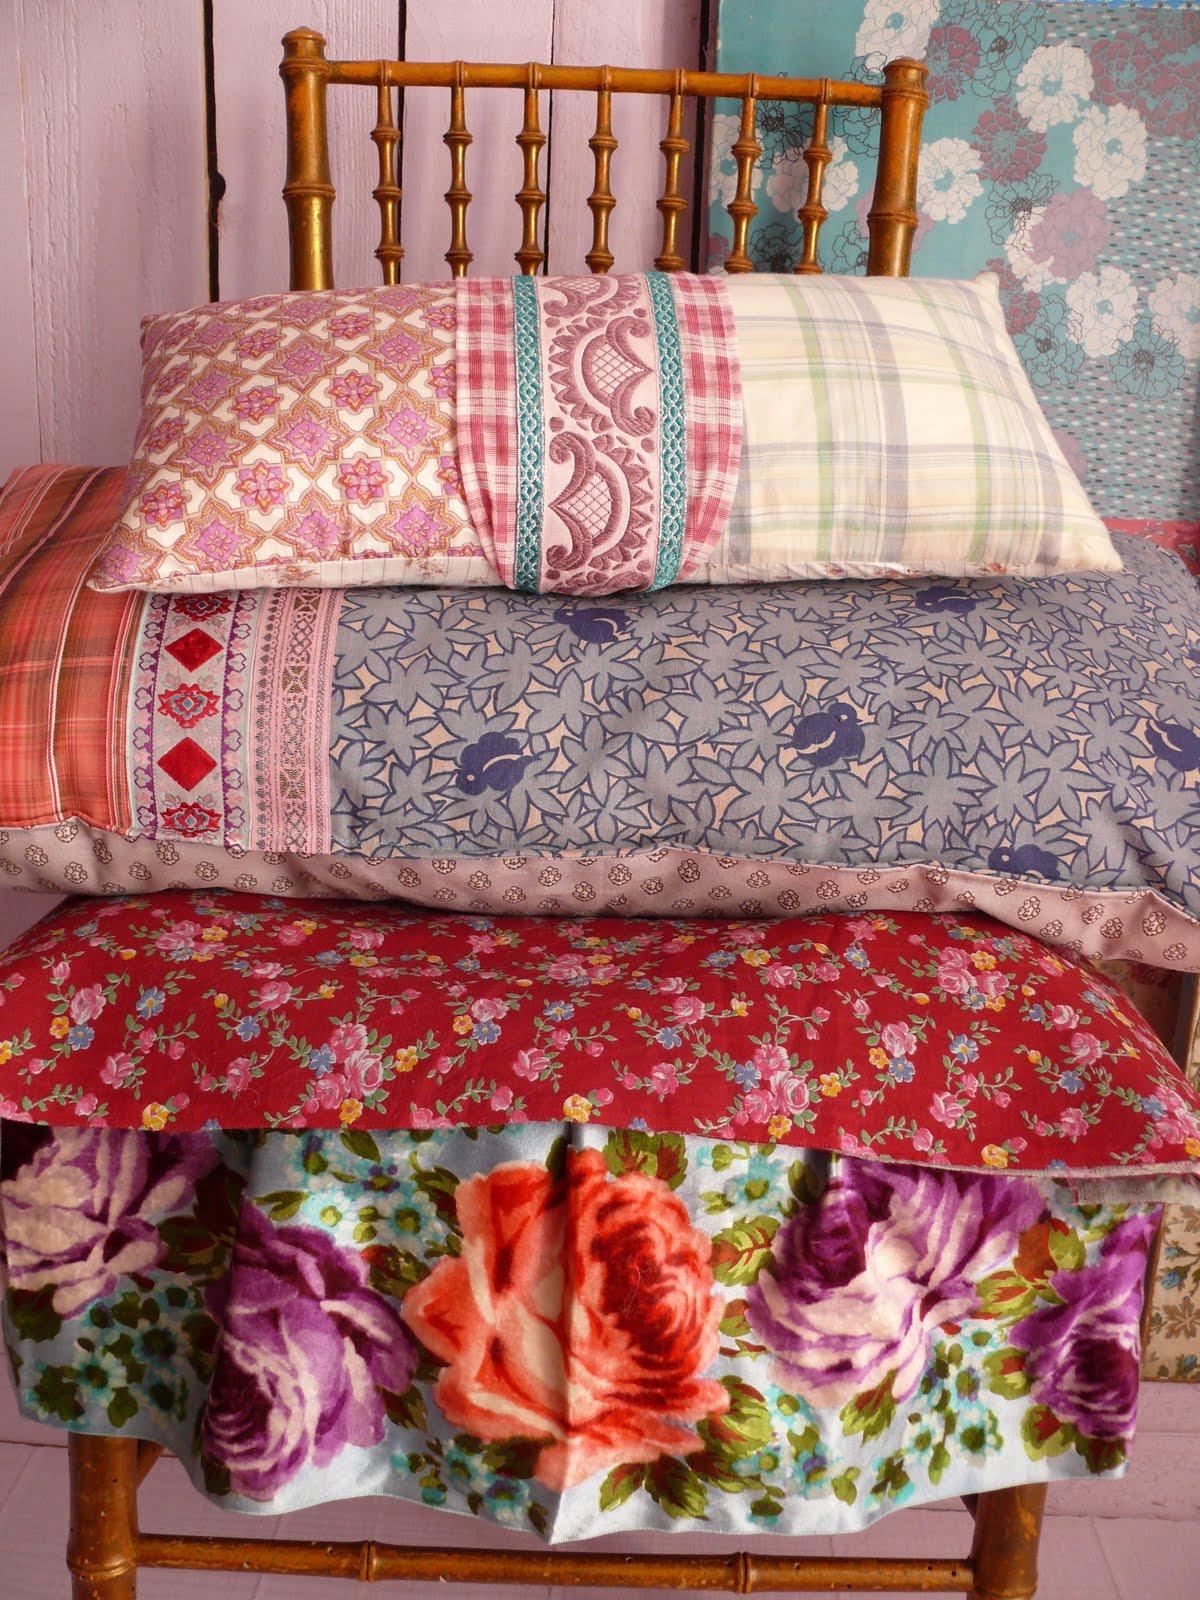 le souffle d 39 in cha pi ces uniques de l 39 automne et hiver 2011 2012 4 me partie. Black Bedroom Furniture Sets. Home Design Ideas